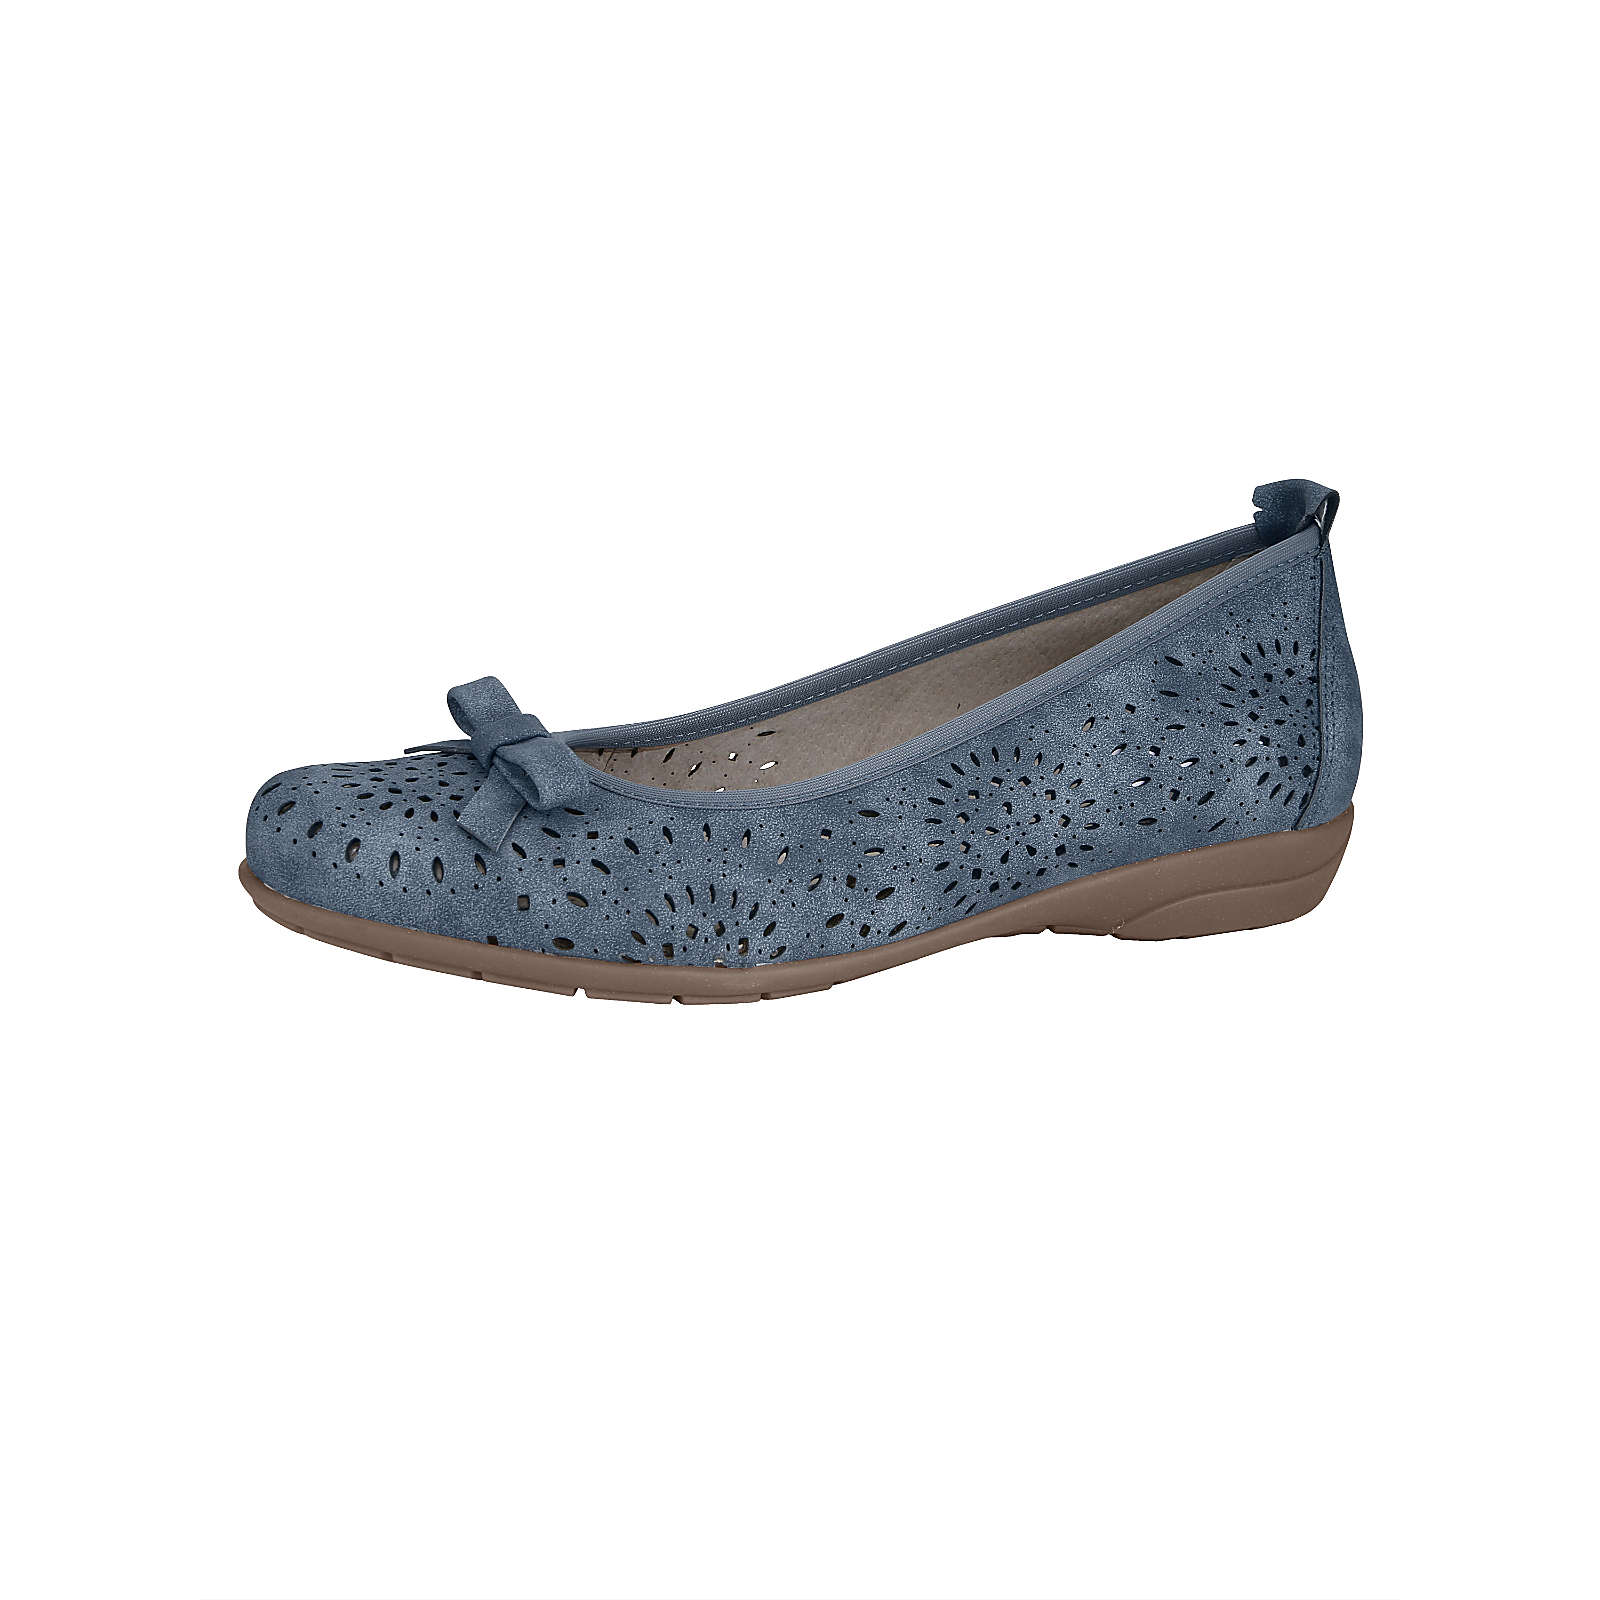 JENNY Klassische Ballerinas blau Damen Gr. 40